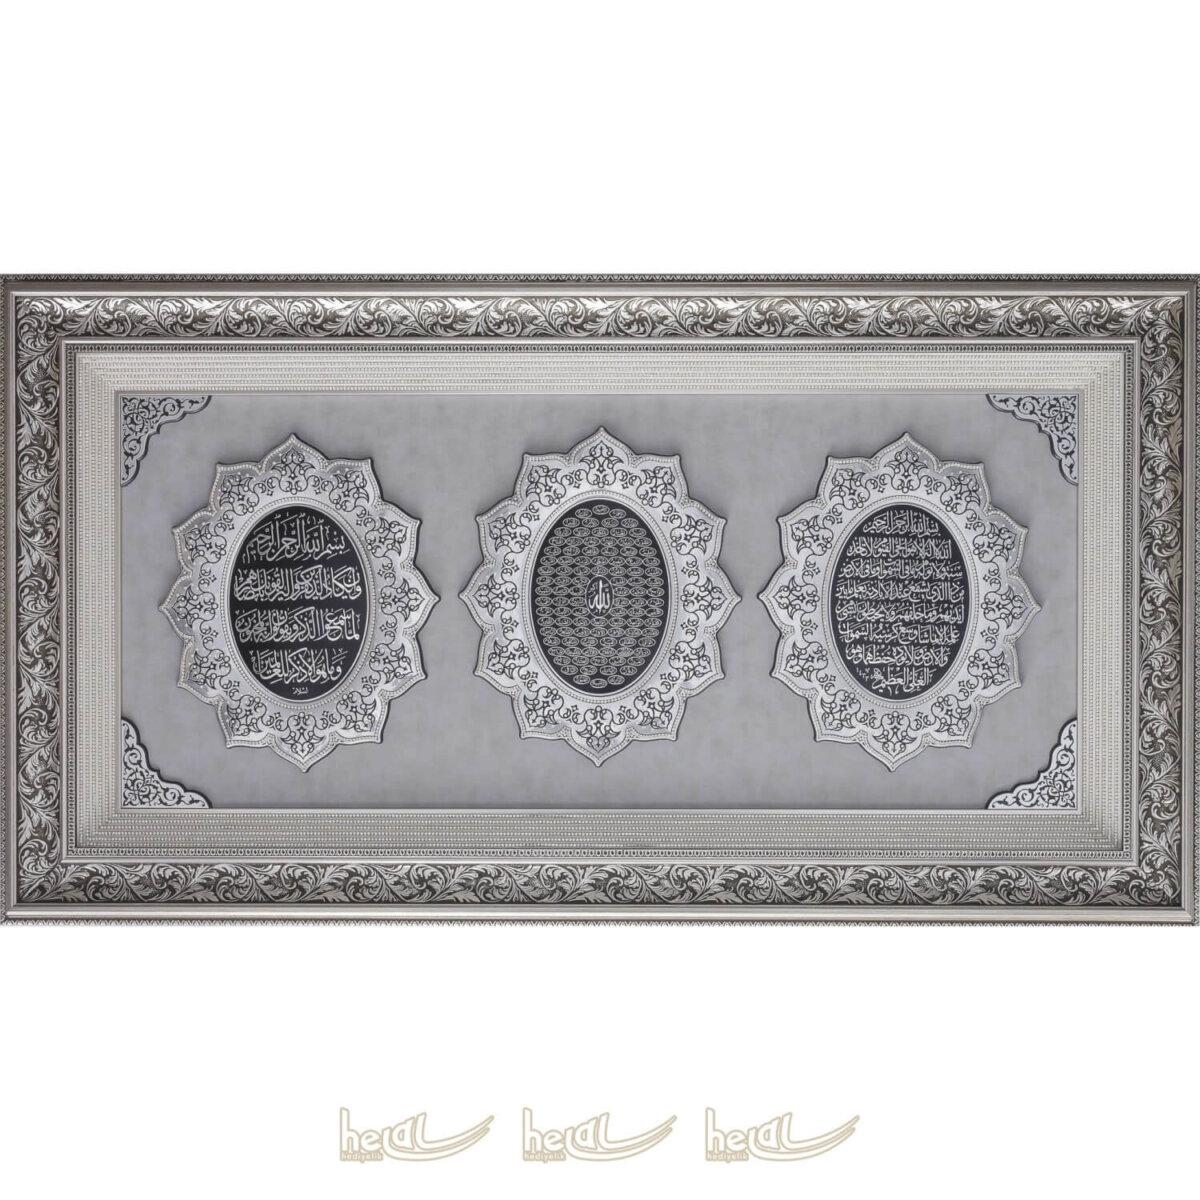 80x150cm Nazar Duası – Esmaül Hüsna – Ayetel Kürsi Yazılı Paspartusu Taşlı 3′ lü Yıldız Çerçeve Tablo Ayetli Ürünler